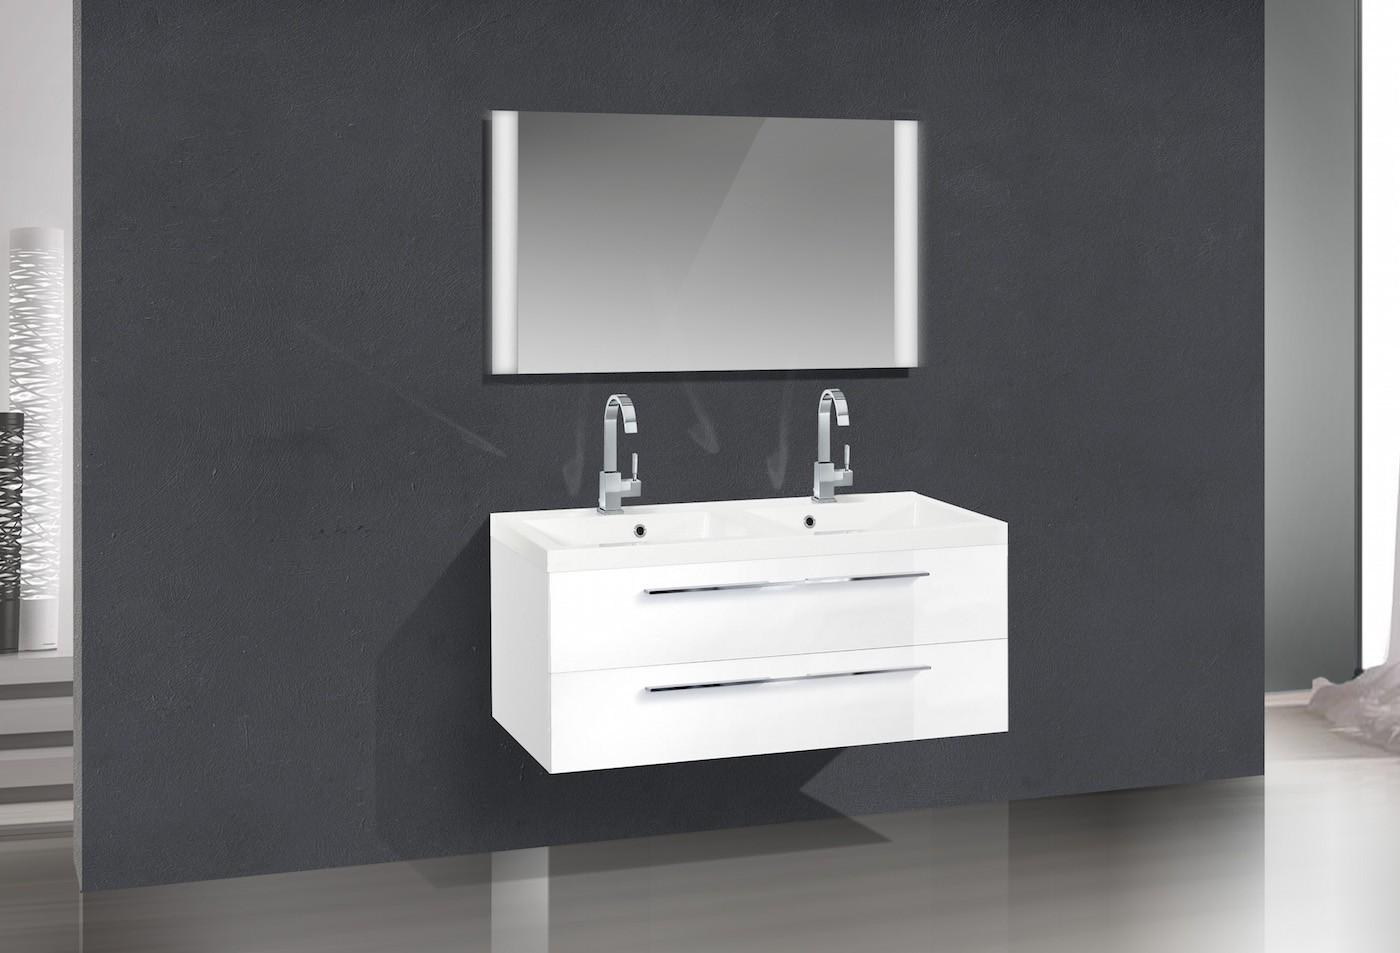 Badezimmerm bel set mit waschbecken und doppelwaschtisch for Badezimmermobel set